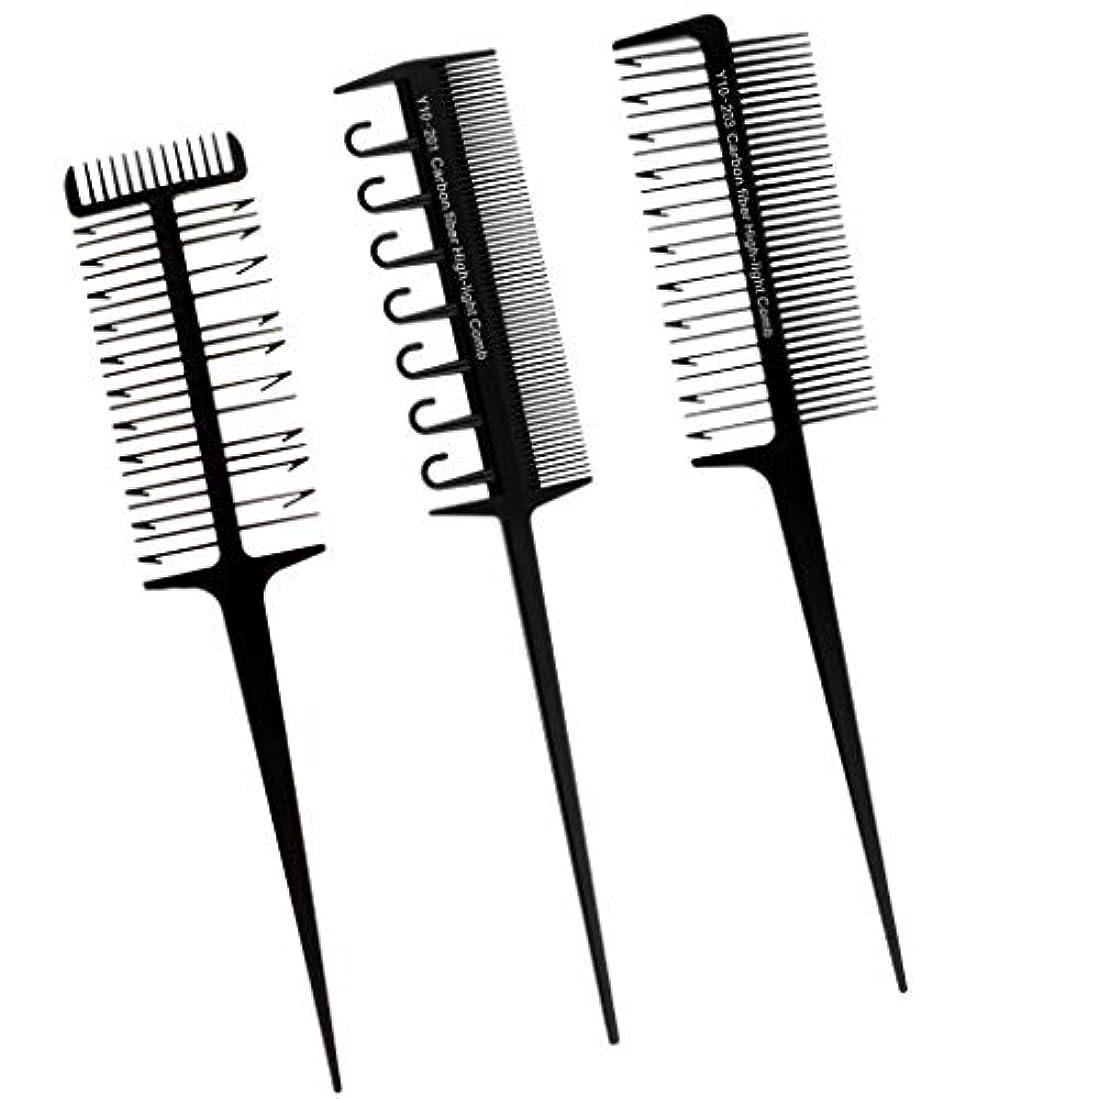 縫い目クマノミカレッジCUTICATE ヘアダイブラシ プロ用 へアカラーセット DIY髪染め用 サロン 美髪師用 ヘアカラーの用具 3本入